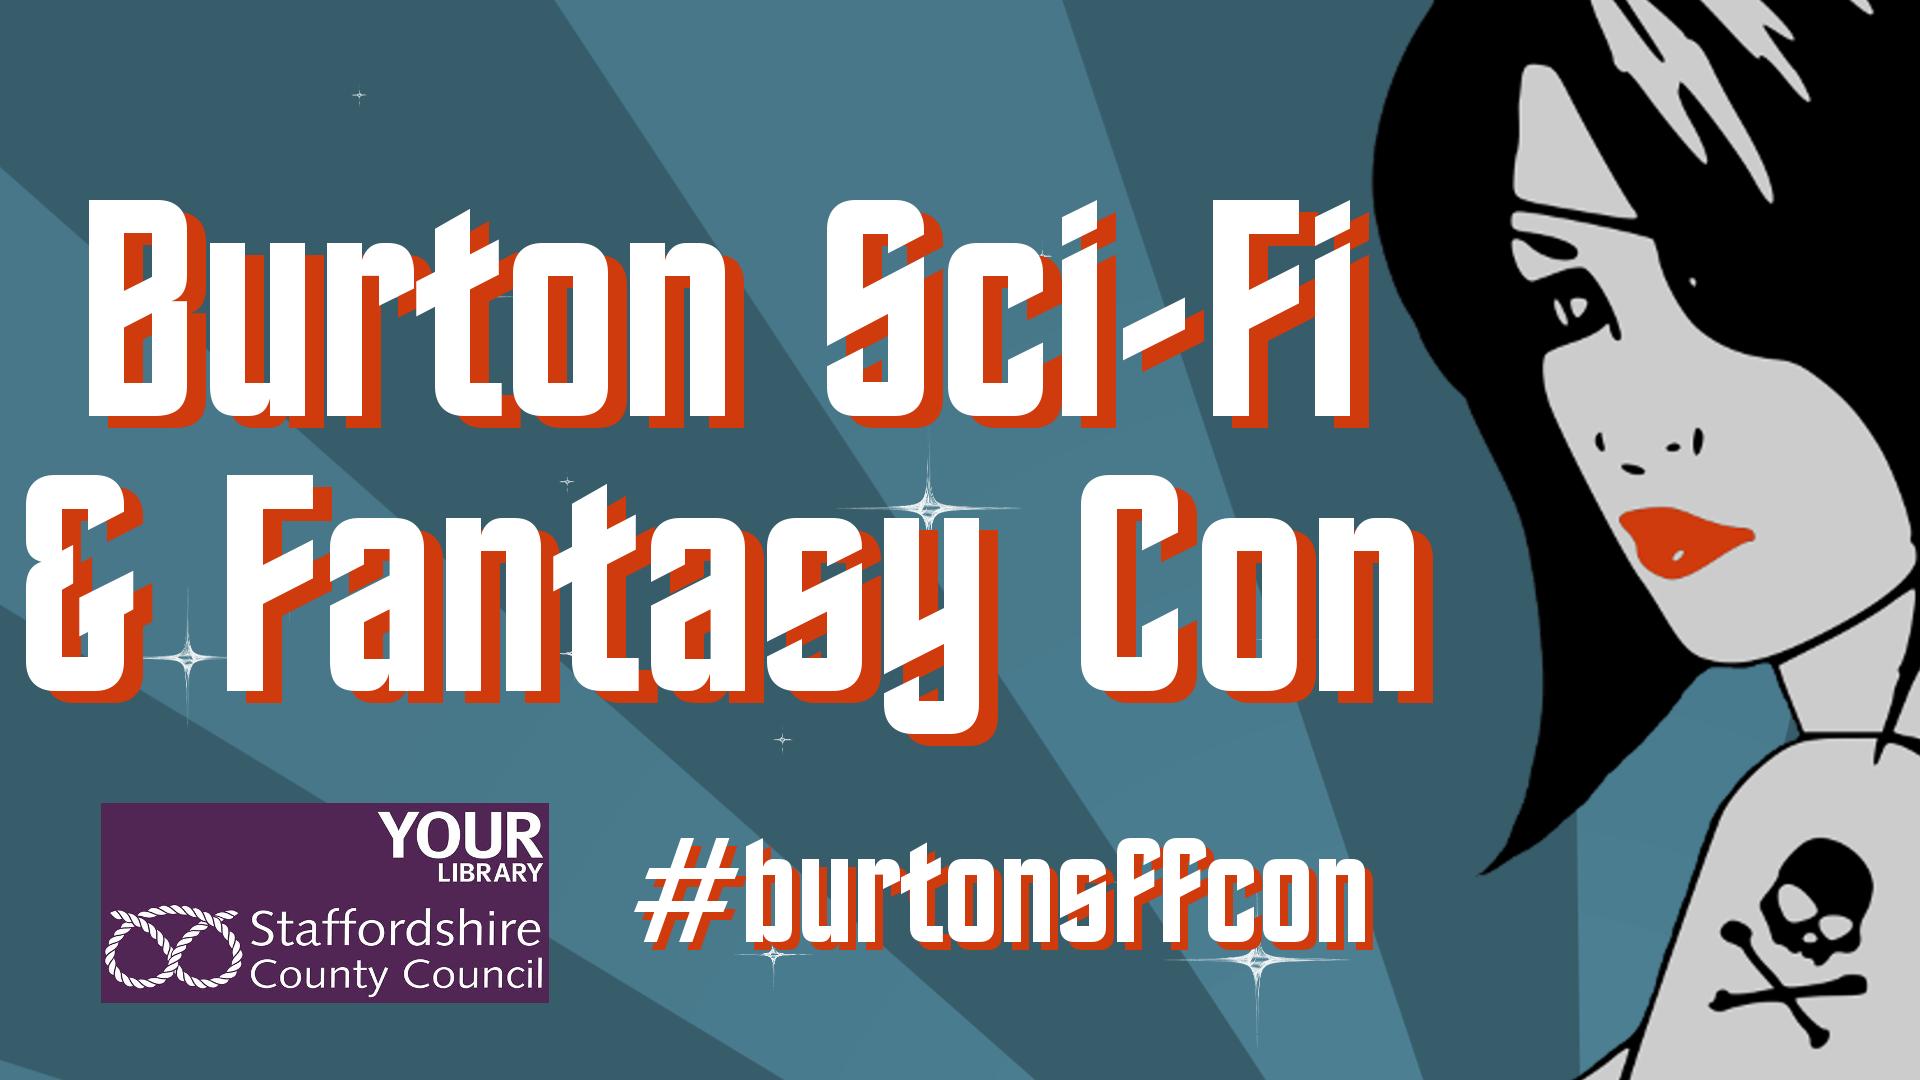 Burton Sci-Fi & Fantasy Con